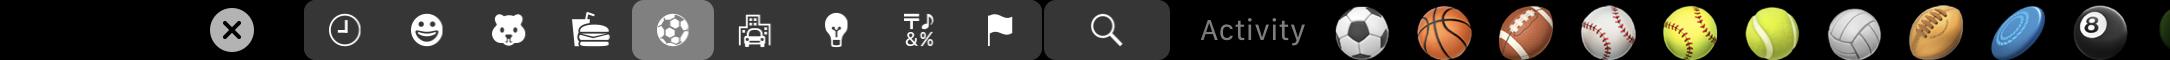 activated emoji picker